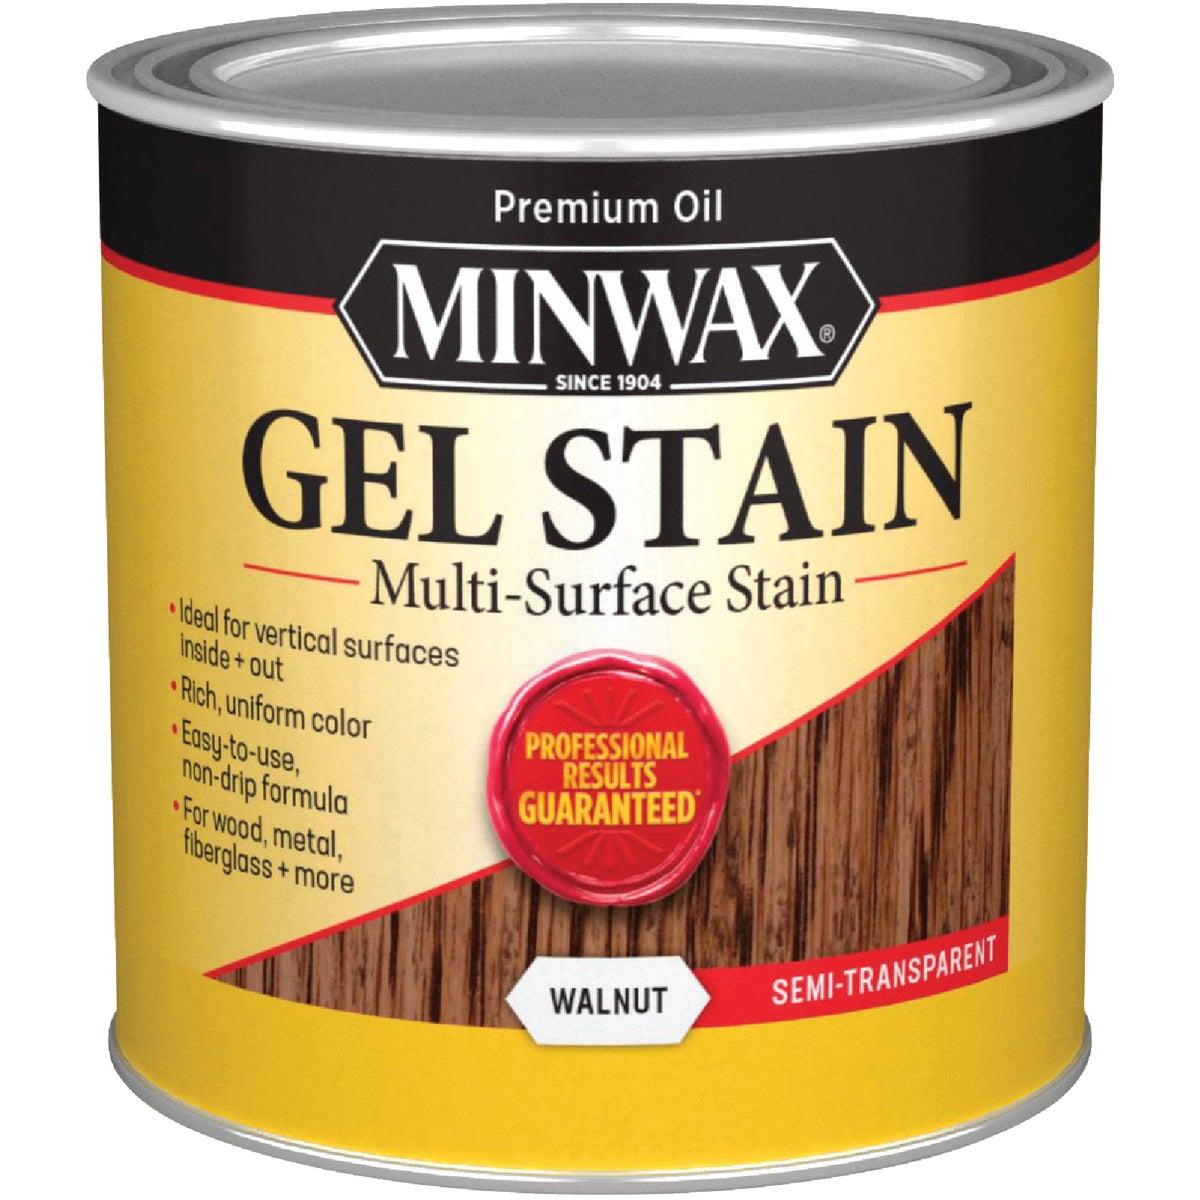 WALNUT GEL STAIN - 260604444 by Minwax Company